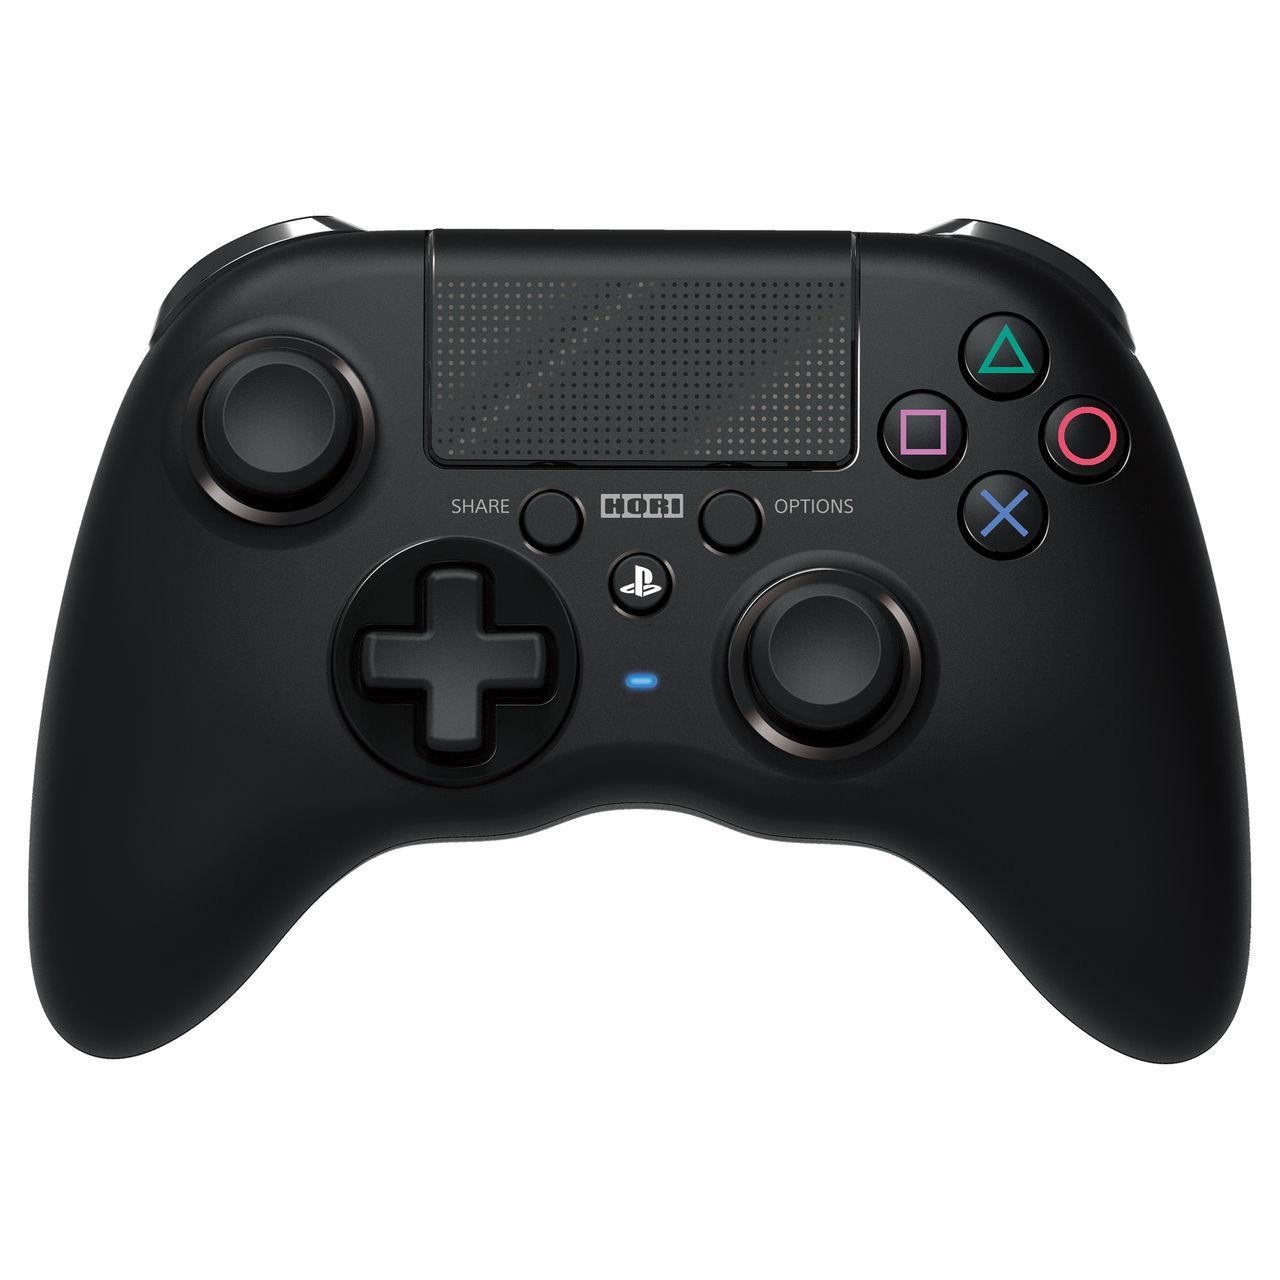 El nuevo mando de Hori para PlayStation 4 llegará la semana que viene